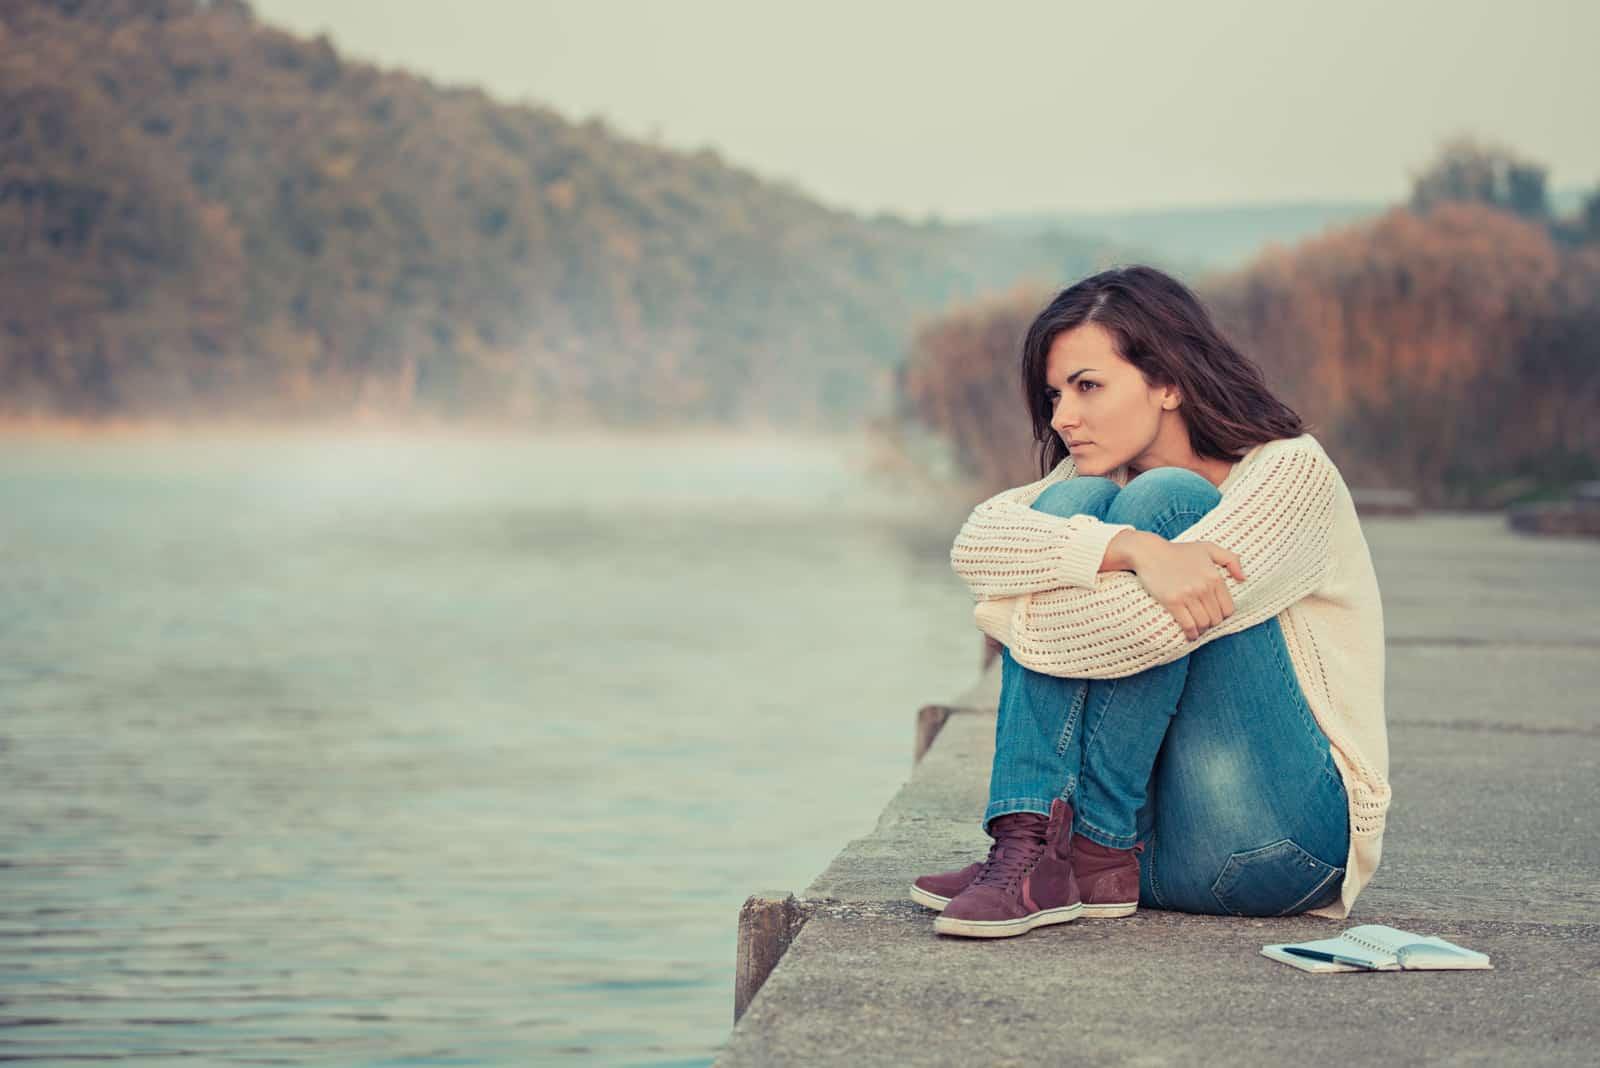 une femme déçue est assise sur une jetée